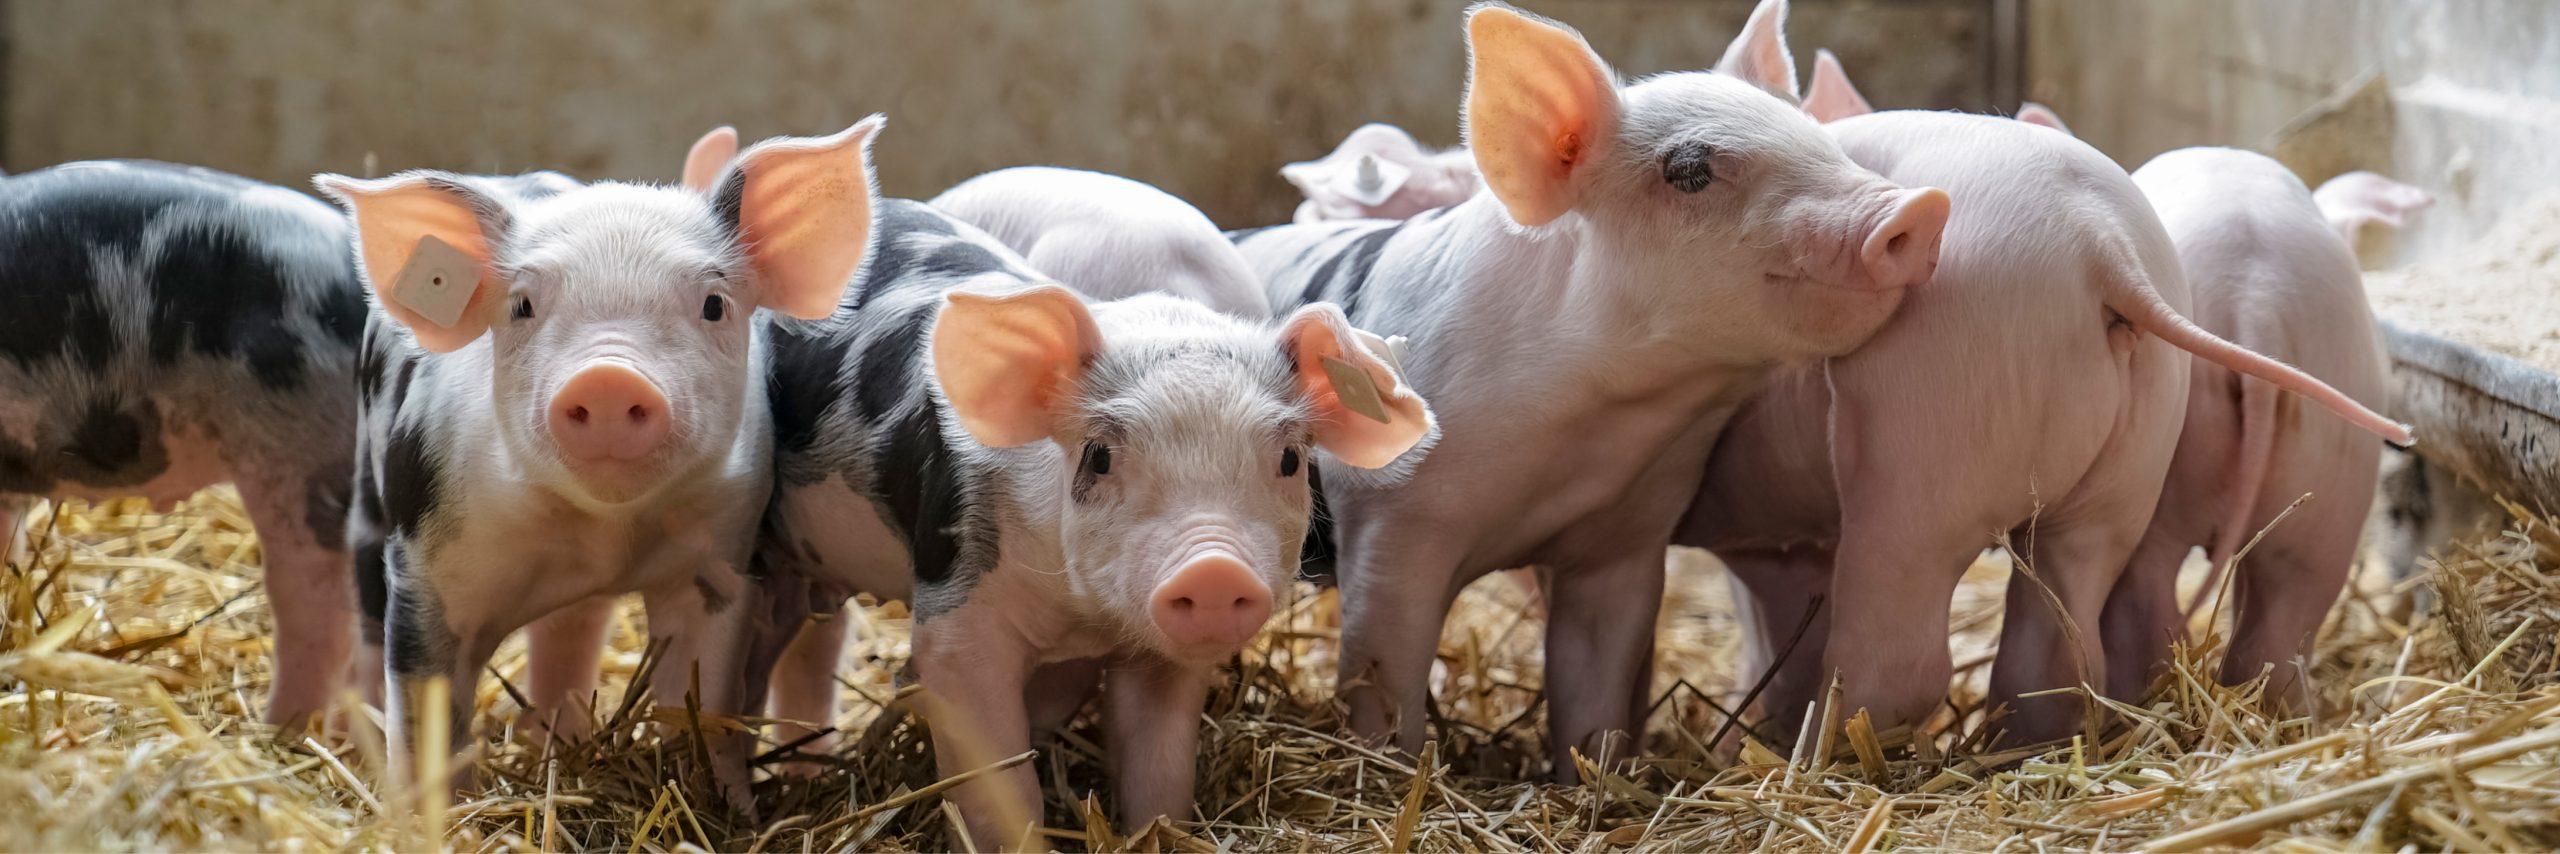 Looking Ahead: Measuring Pigs Emotions